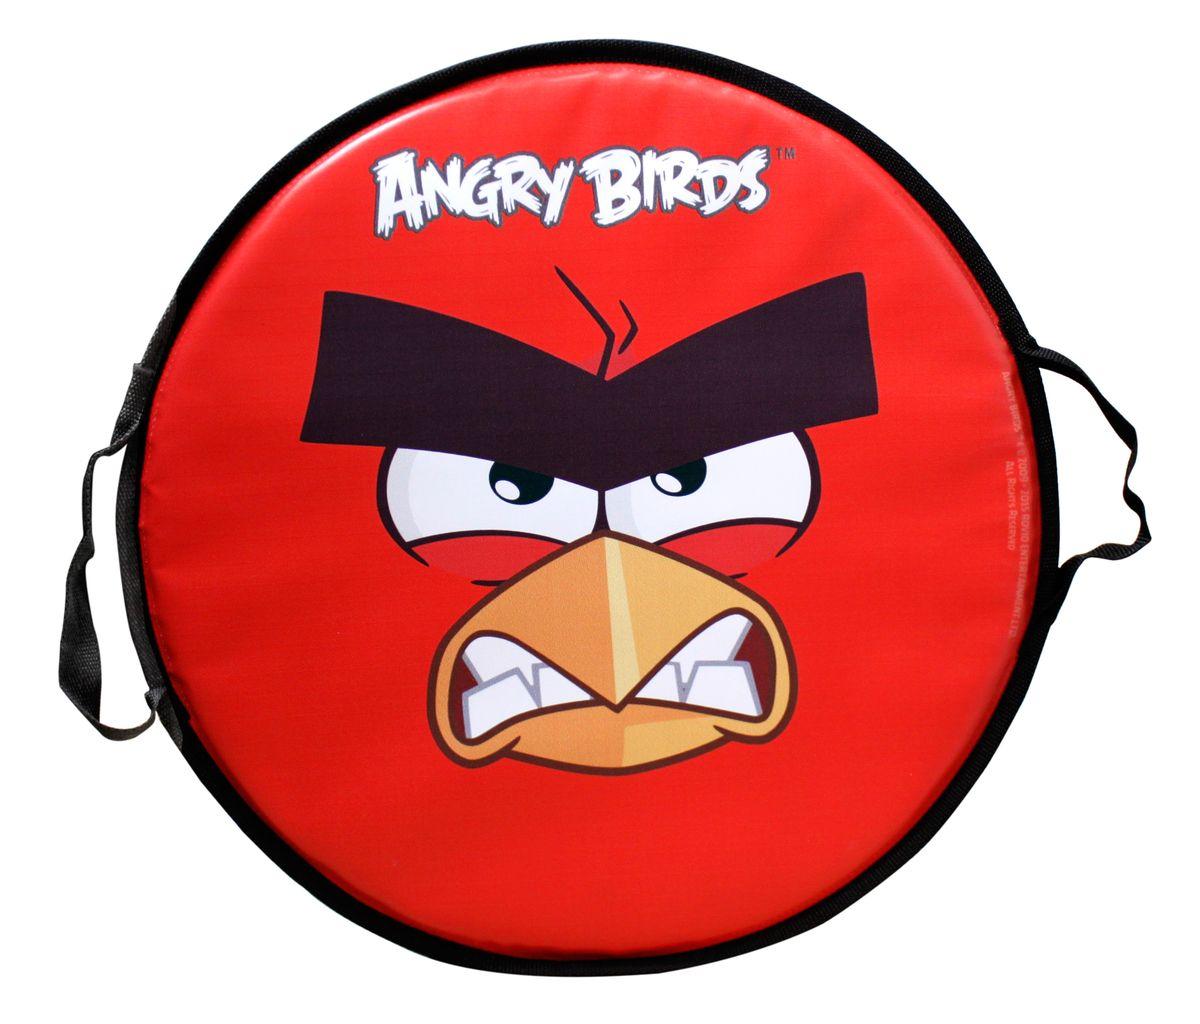 Ледянка круглая 52см, Angry birdsТ58162Ледянка Angry birds станет прекрасным подарком для поклонников известной игры. Изделие предназначено катания с горок и идеально подойдет как для мальчиков, так и для девочек. Ледянка развивает на спуске хорошую скорость. Плотные ручки, расположенные по краям изделия помогут не упасть.